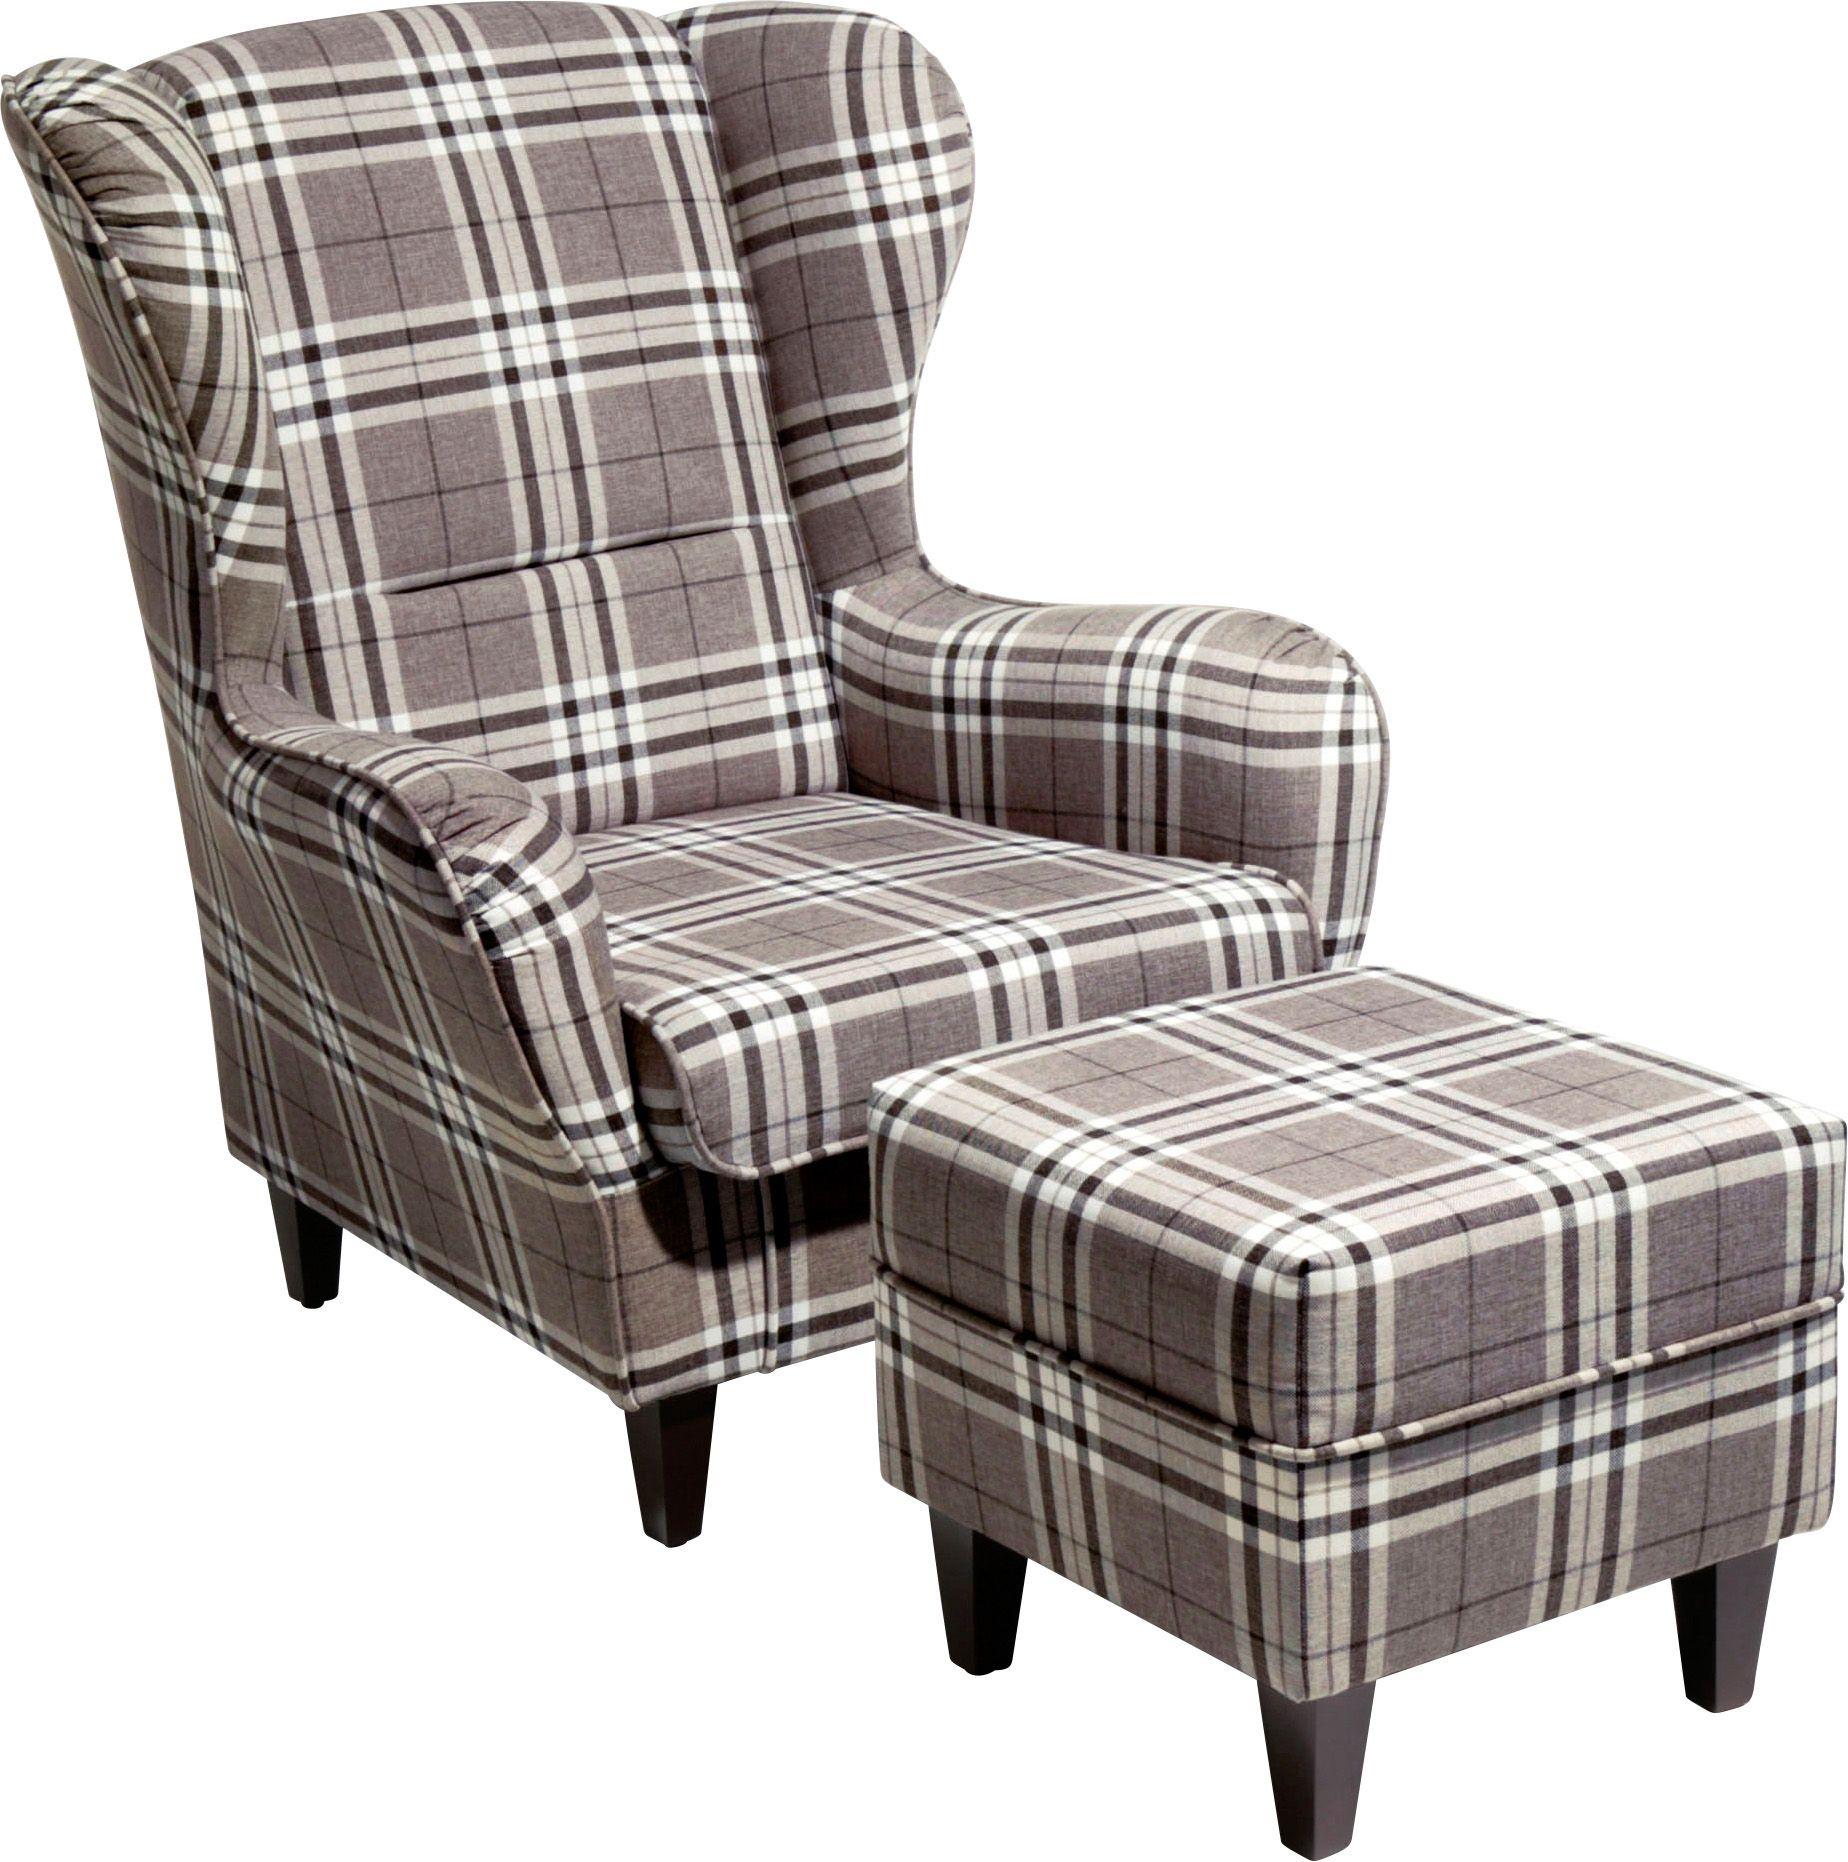 home affaire ohrensessel mit hocker nicola schwab versand einzelsessel. Black Bedroom Furniture Sets. Home Design Ideas